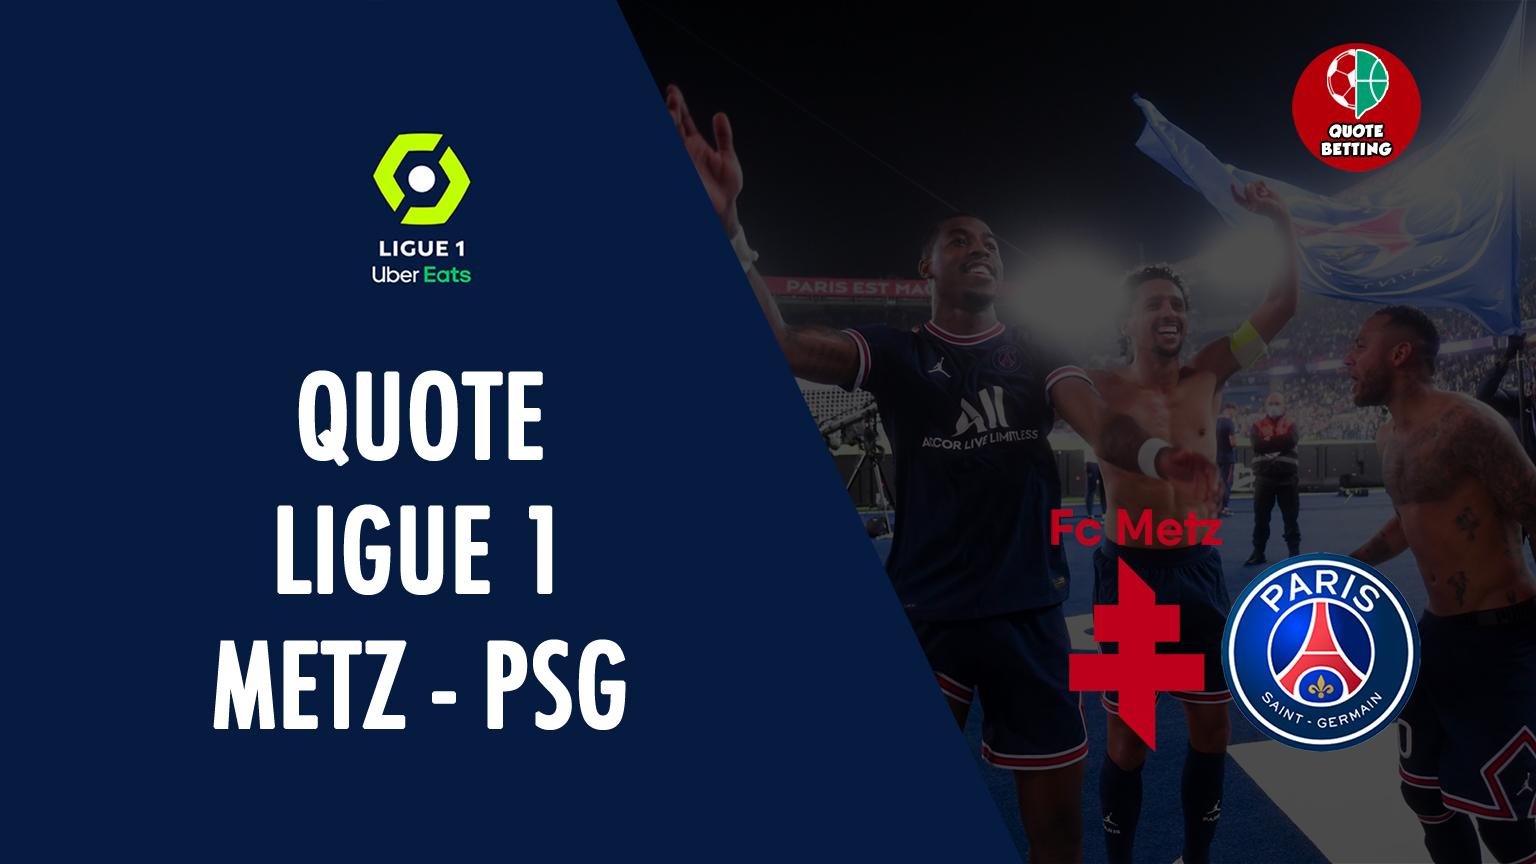 odds metz psg tempat untuk melihat di tv prediksi line-up odds ligue 1 taruhan sepak bola perancis metz-paris saint germain